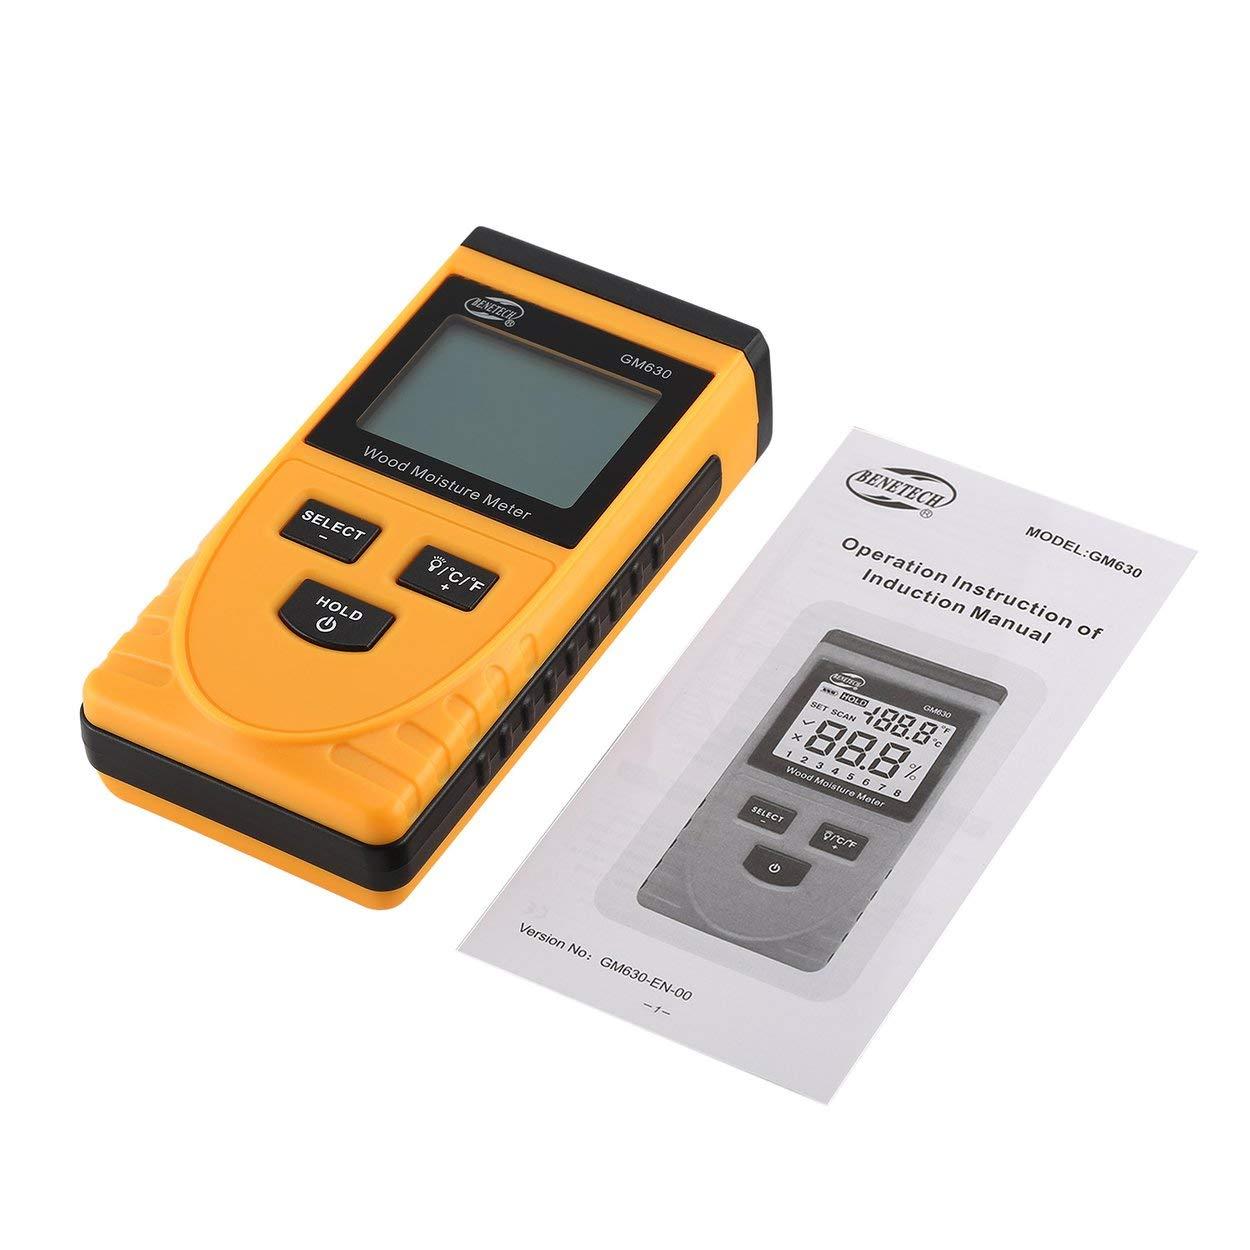 Messung Und Analyse Instrumente Benetech Gm630 Digital Lcd Display Holz Feuchtigkeit Meter Feuchtigkeit Test Holz Papier Baum Damp Detector Dichte Hygrometer